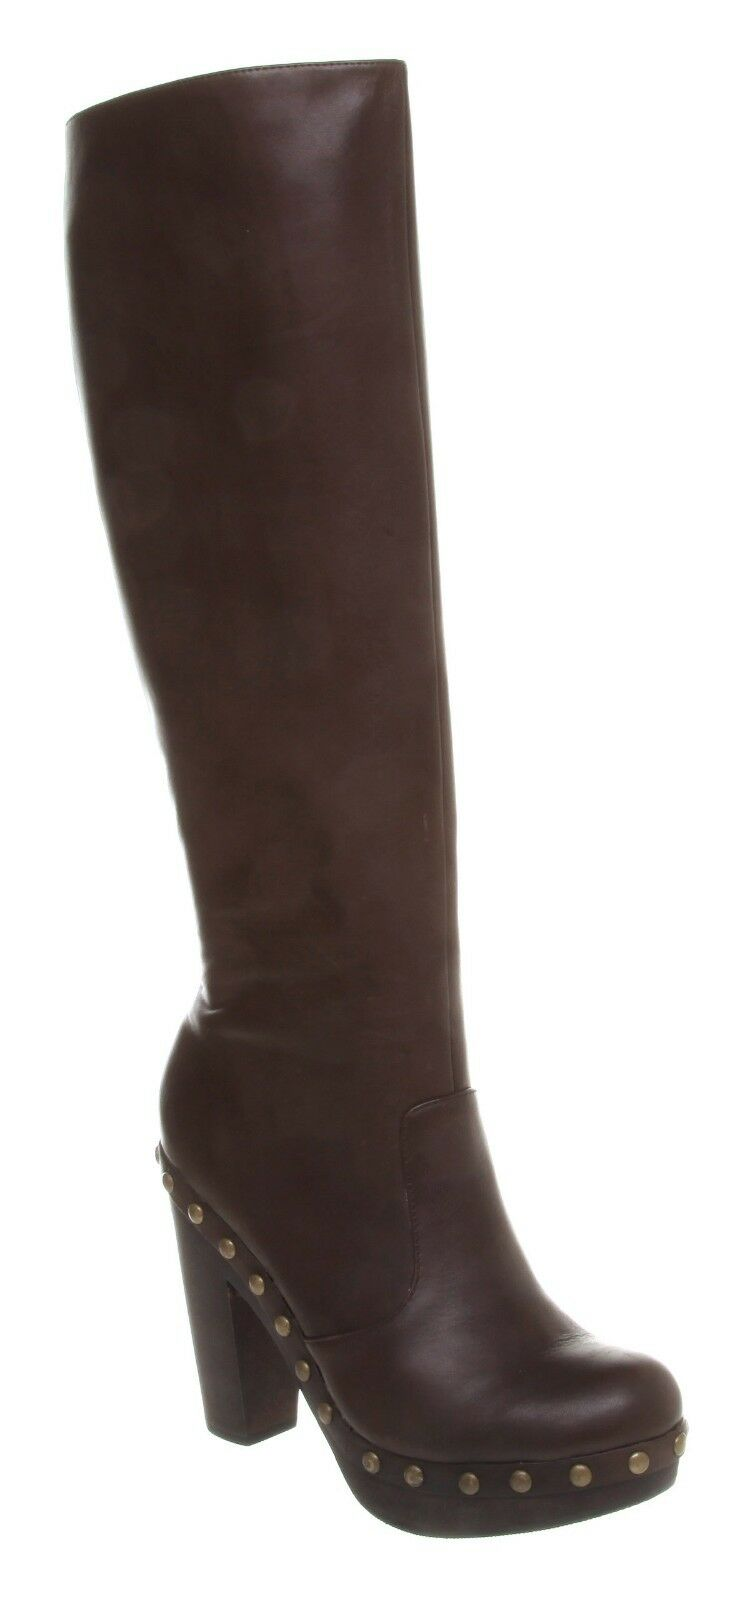 contatore genuino donna Office Office Office Eververde Knee avvio Choc Leather stivali  economico e di alta qualità